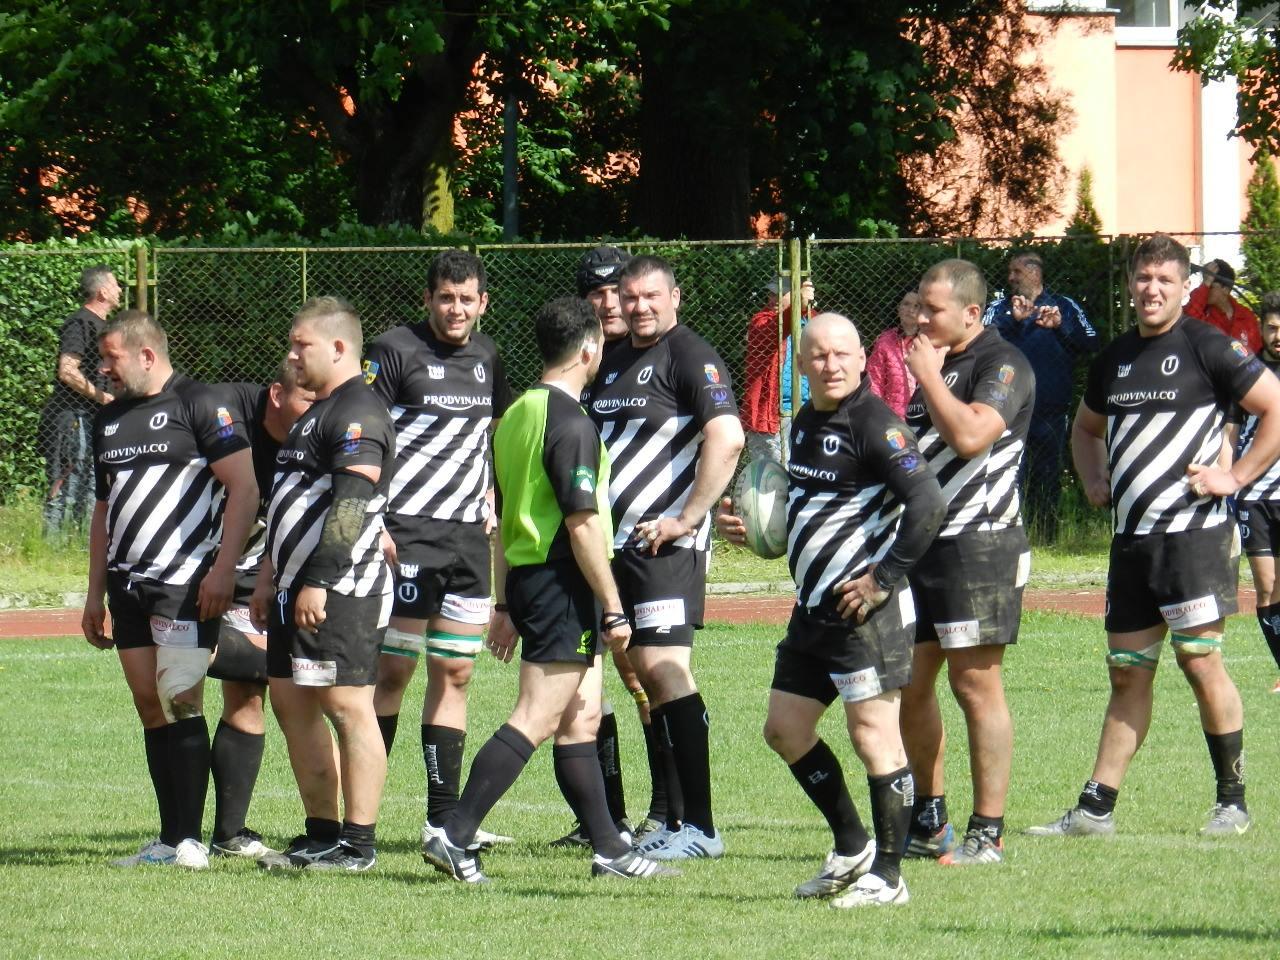 Victorie spectaculoasa pentru rugbyisti in fata CSM Bucuresti